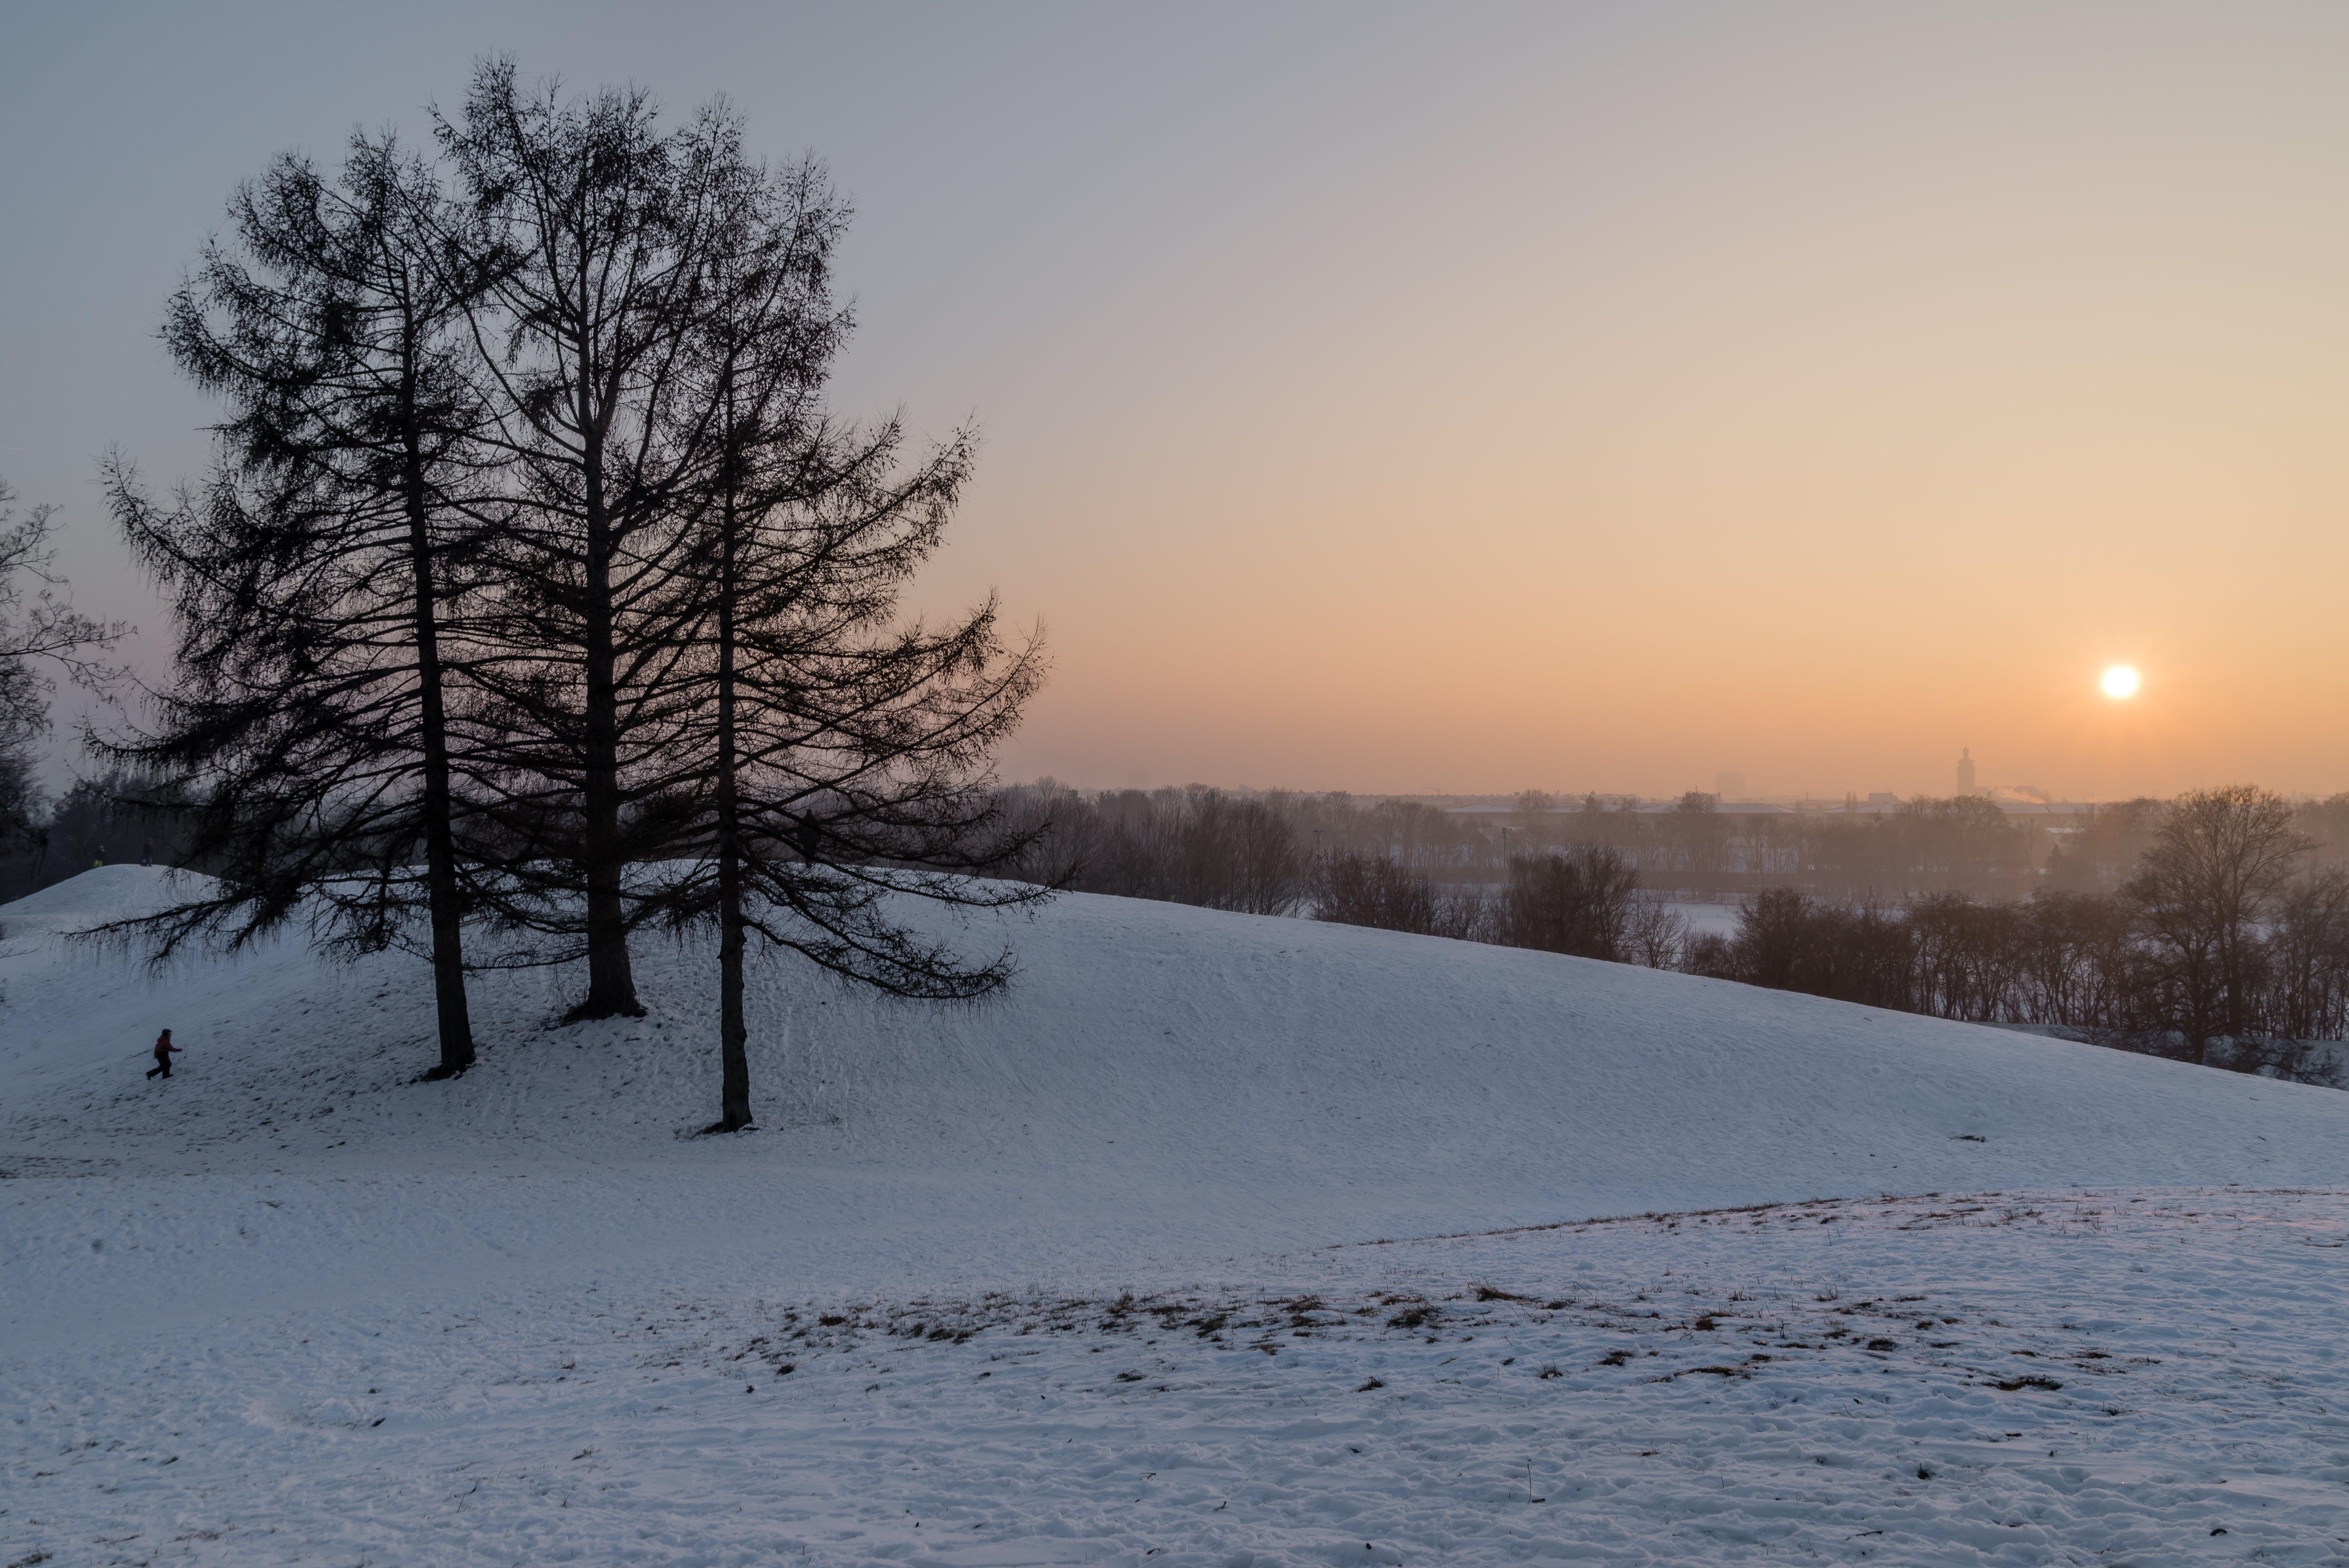 Kostenloses Stock Foto zu schnee, stadt, landschaft, natur